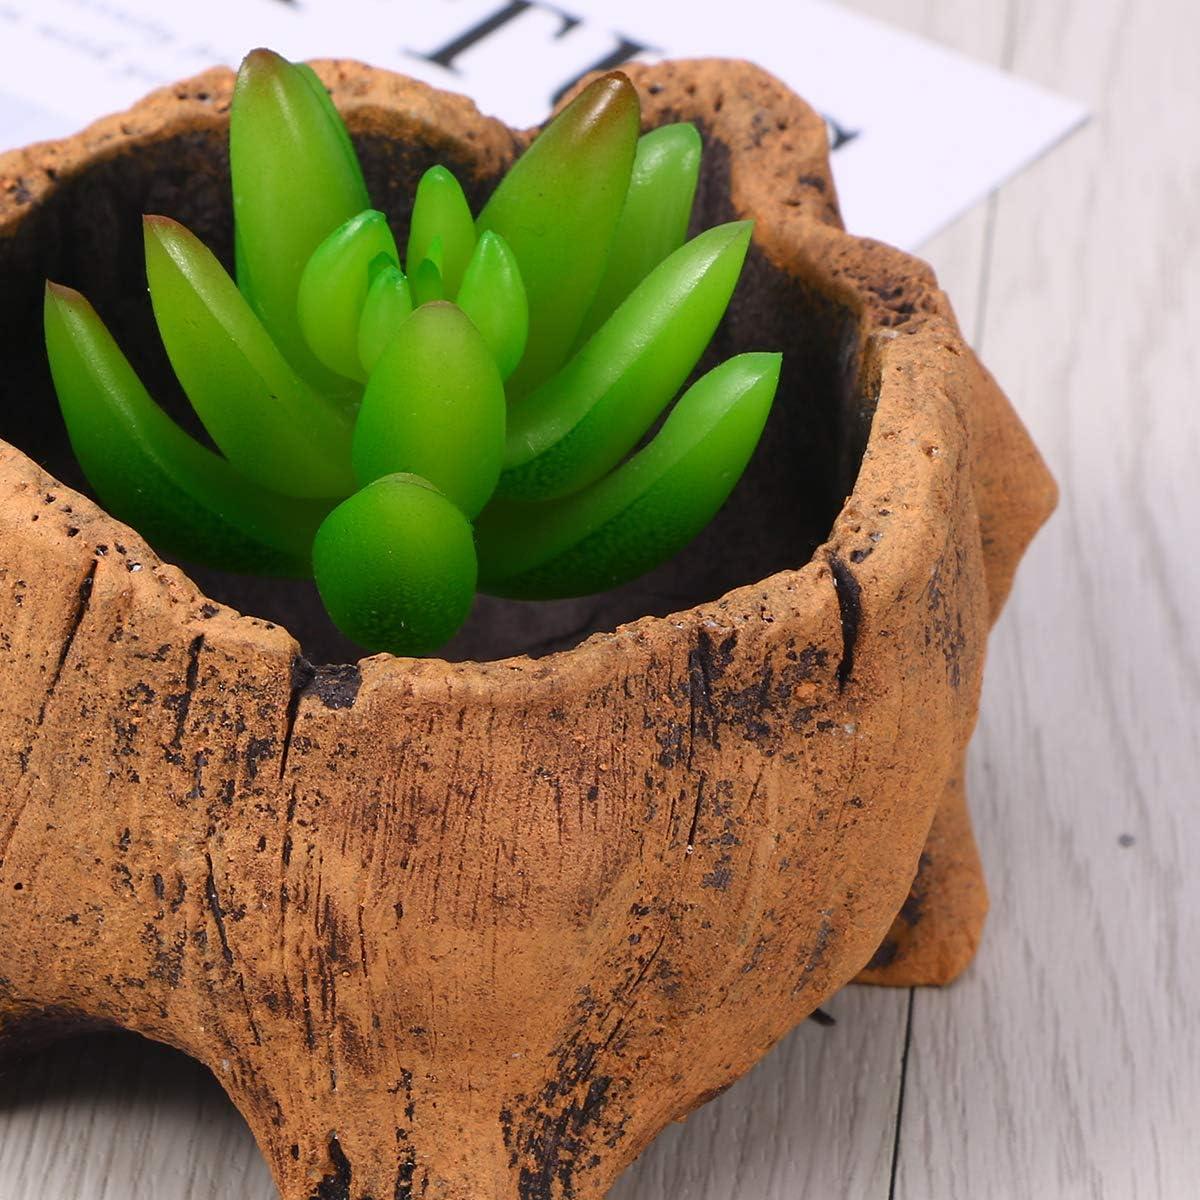 Toyvian Vaso per Piante grasse Decorazione da Esterni per Giardino,Fioriera in Legno per fioriera Artificiale